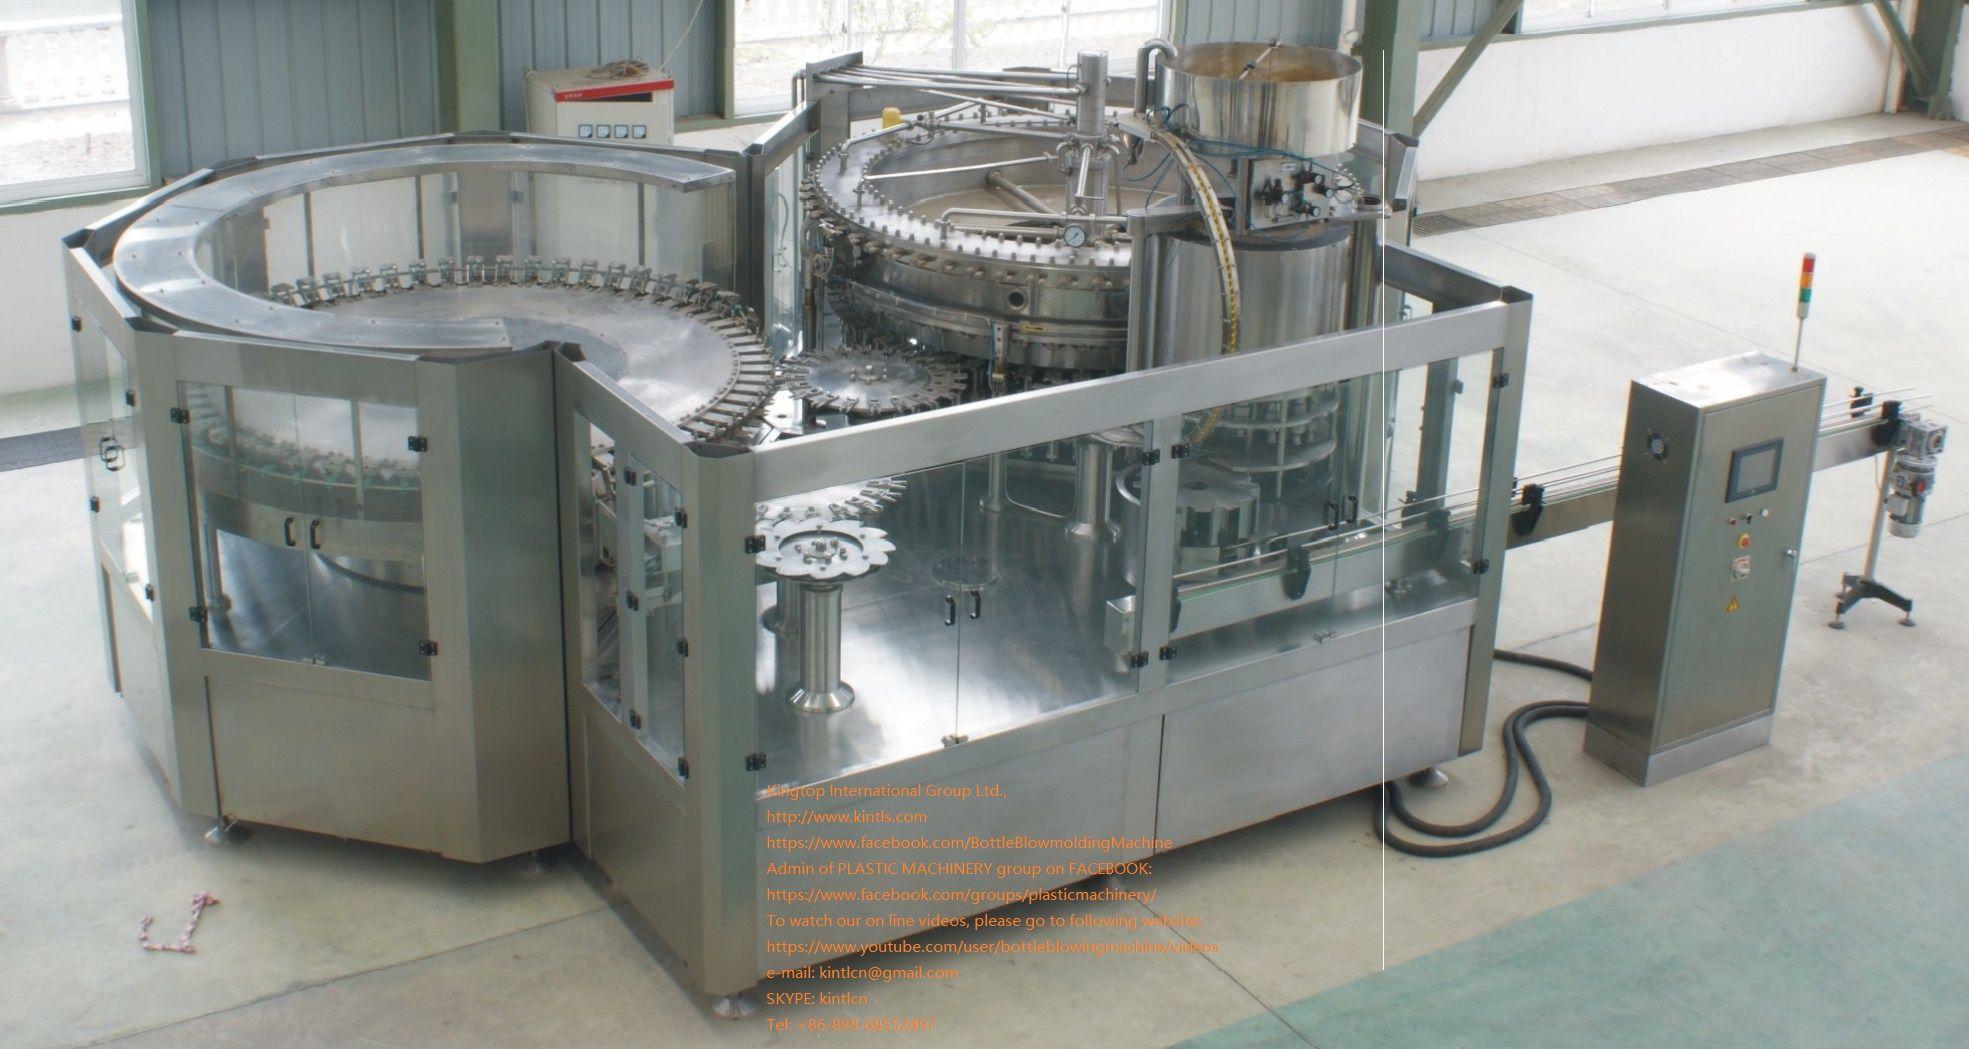 beverage bottling machine, Rinser / Filler / Capper Monobloc, 24000bph. KINGTOP INTERNATIONAL GROUP LTD